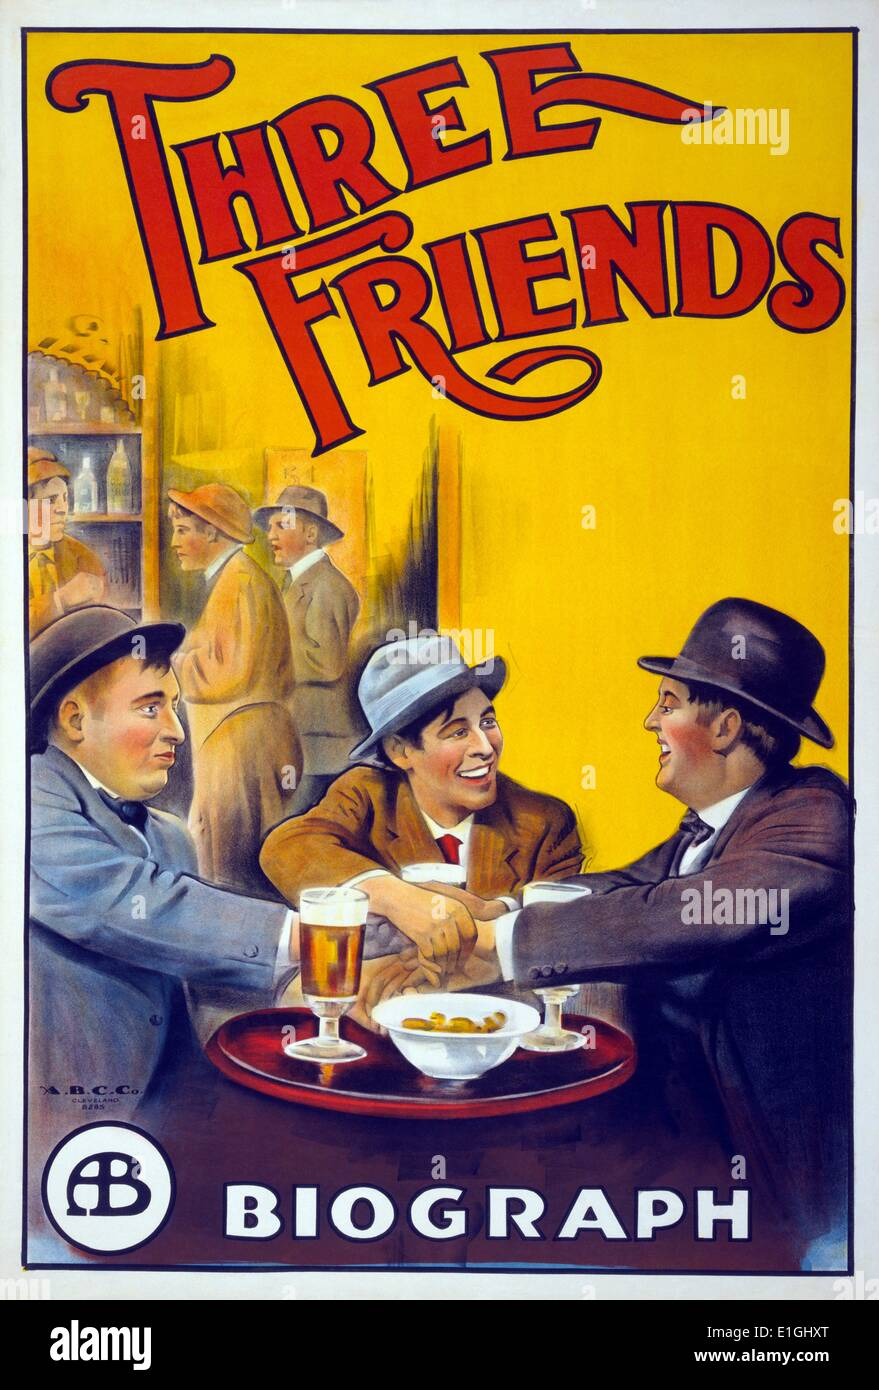 Trois amis un album concept 1972 par le groupe de rock progressif britannique Gentle Giant. Banque D'Images